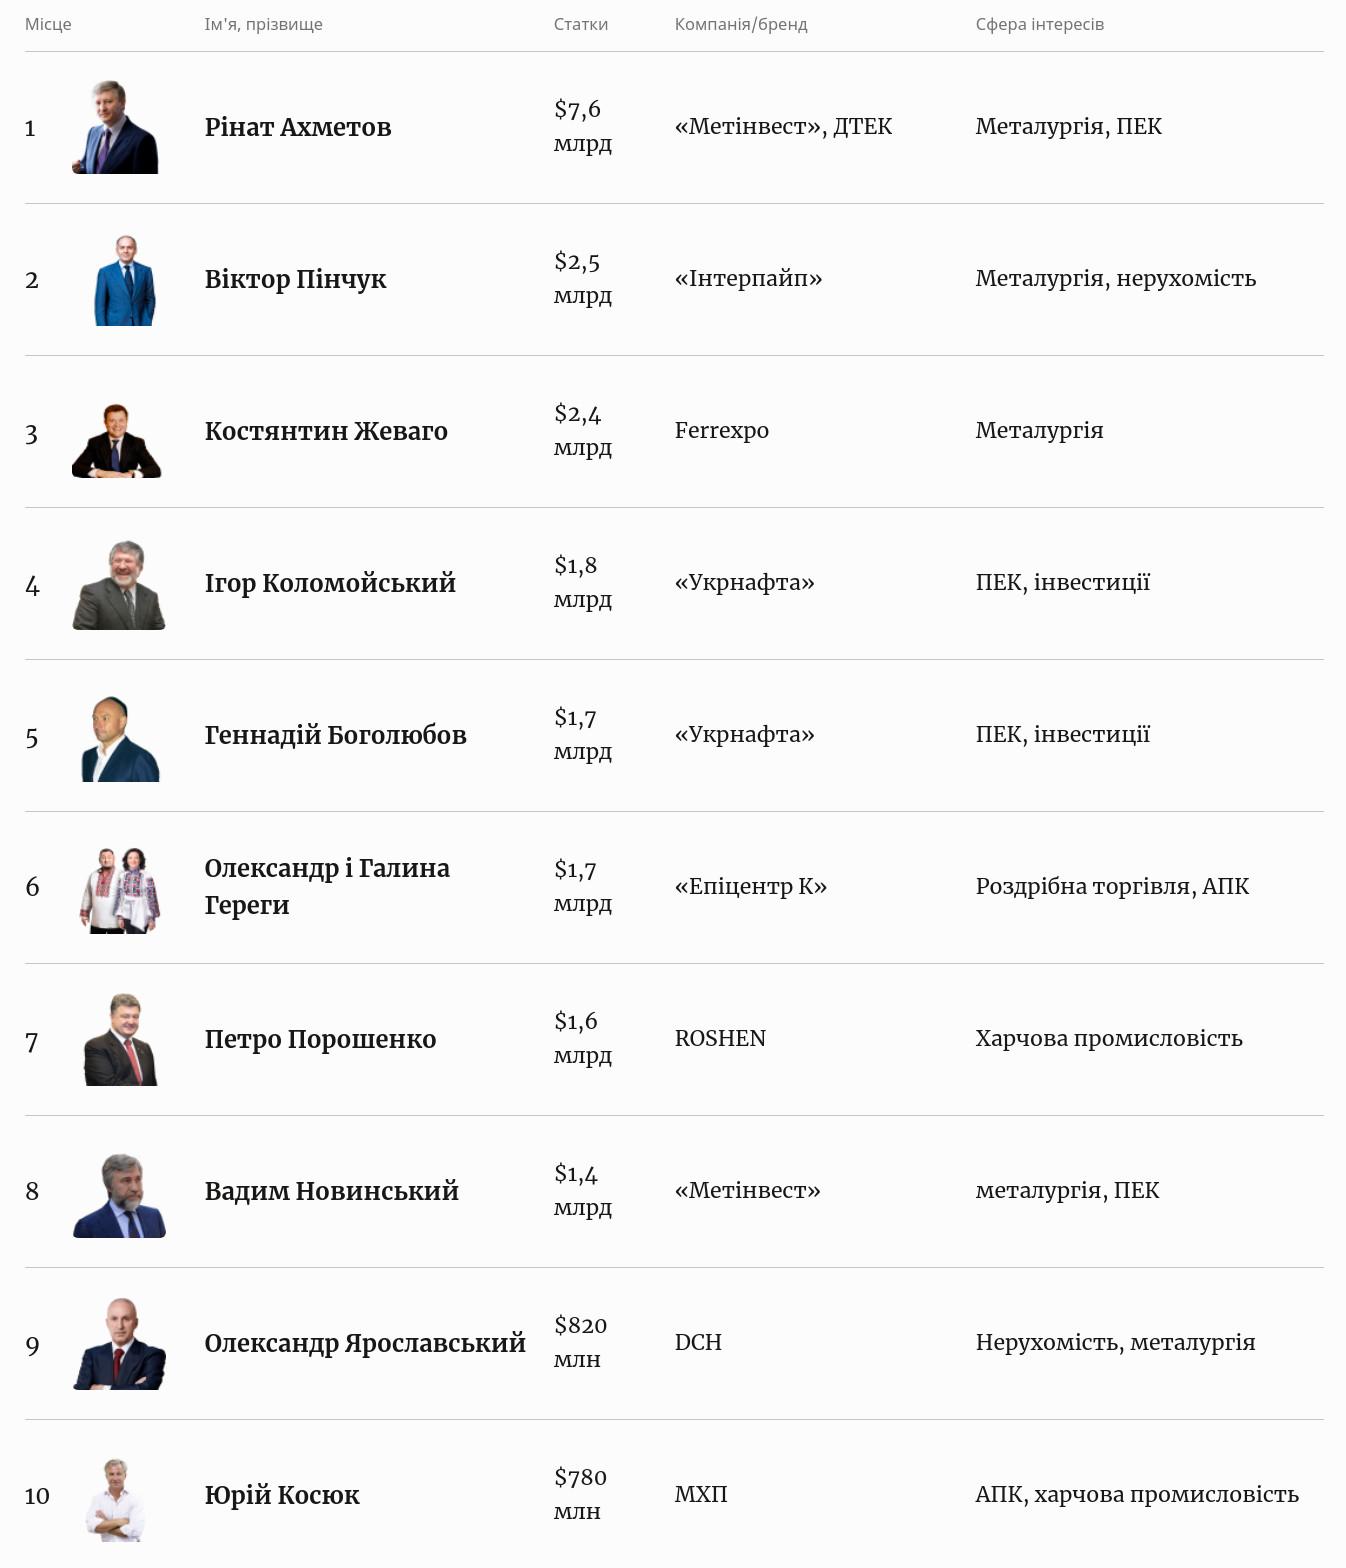 10 самых богатых украинцев по версии журнала Forbes